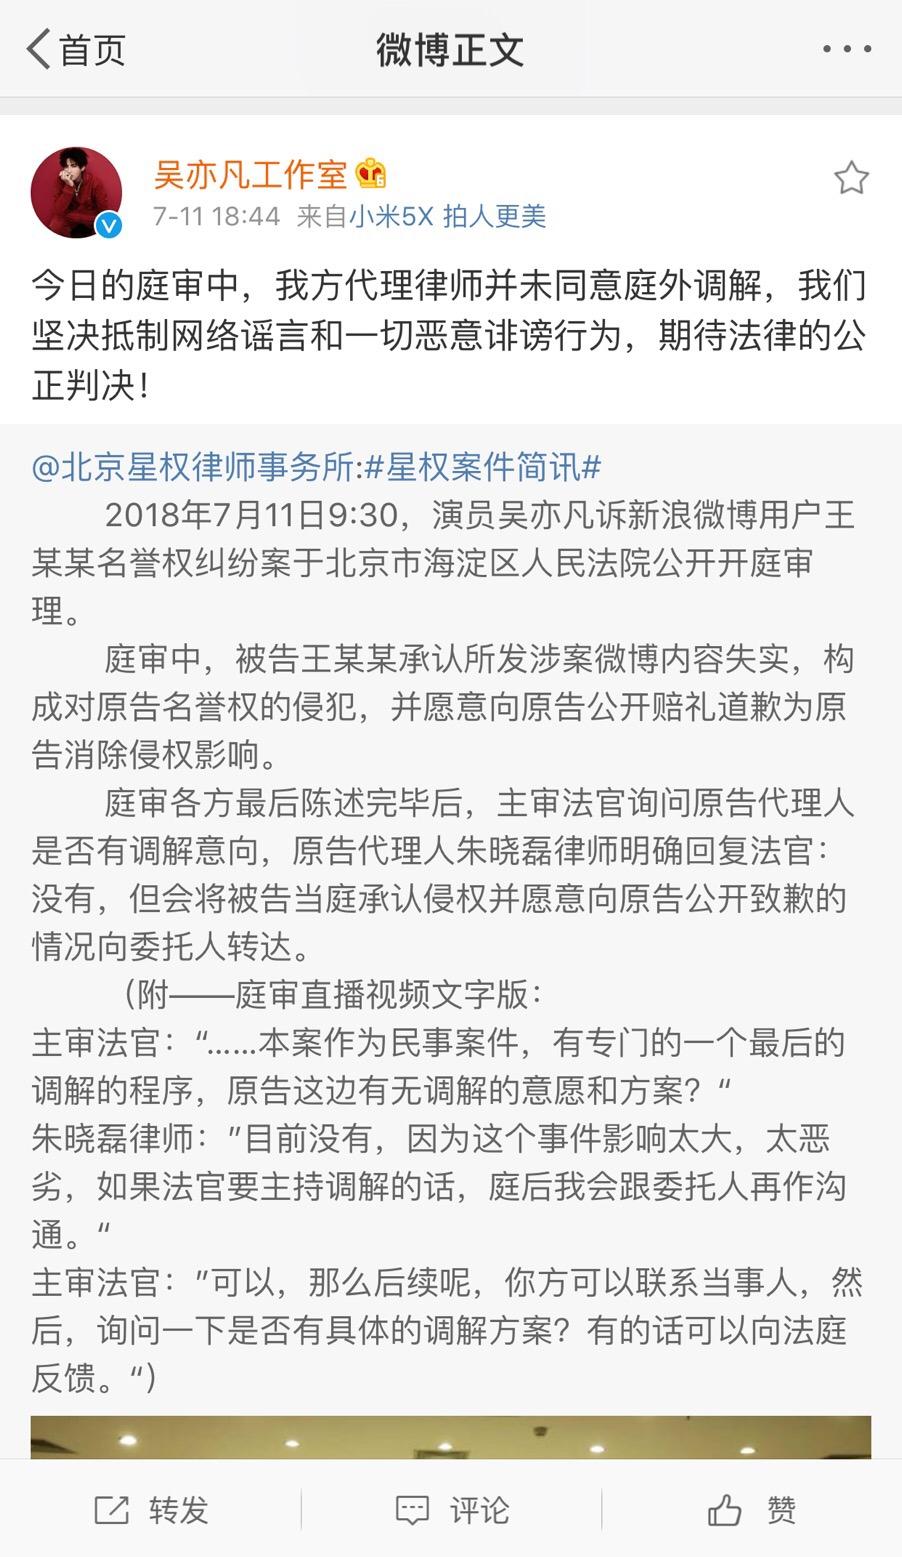 吴亦凡名誉权纠纷案开庭 被告承认系诽谤愿意公开致歉